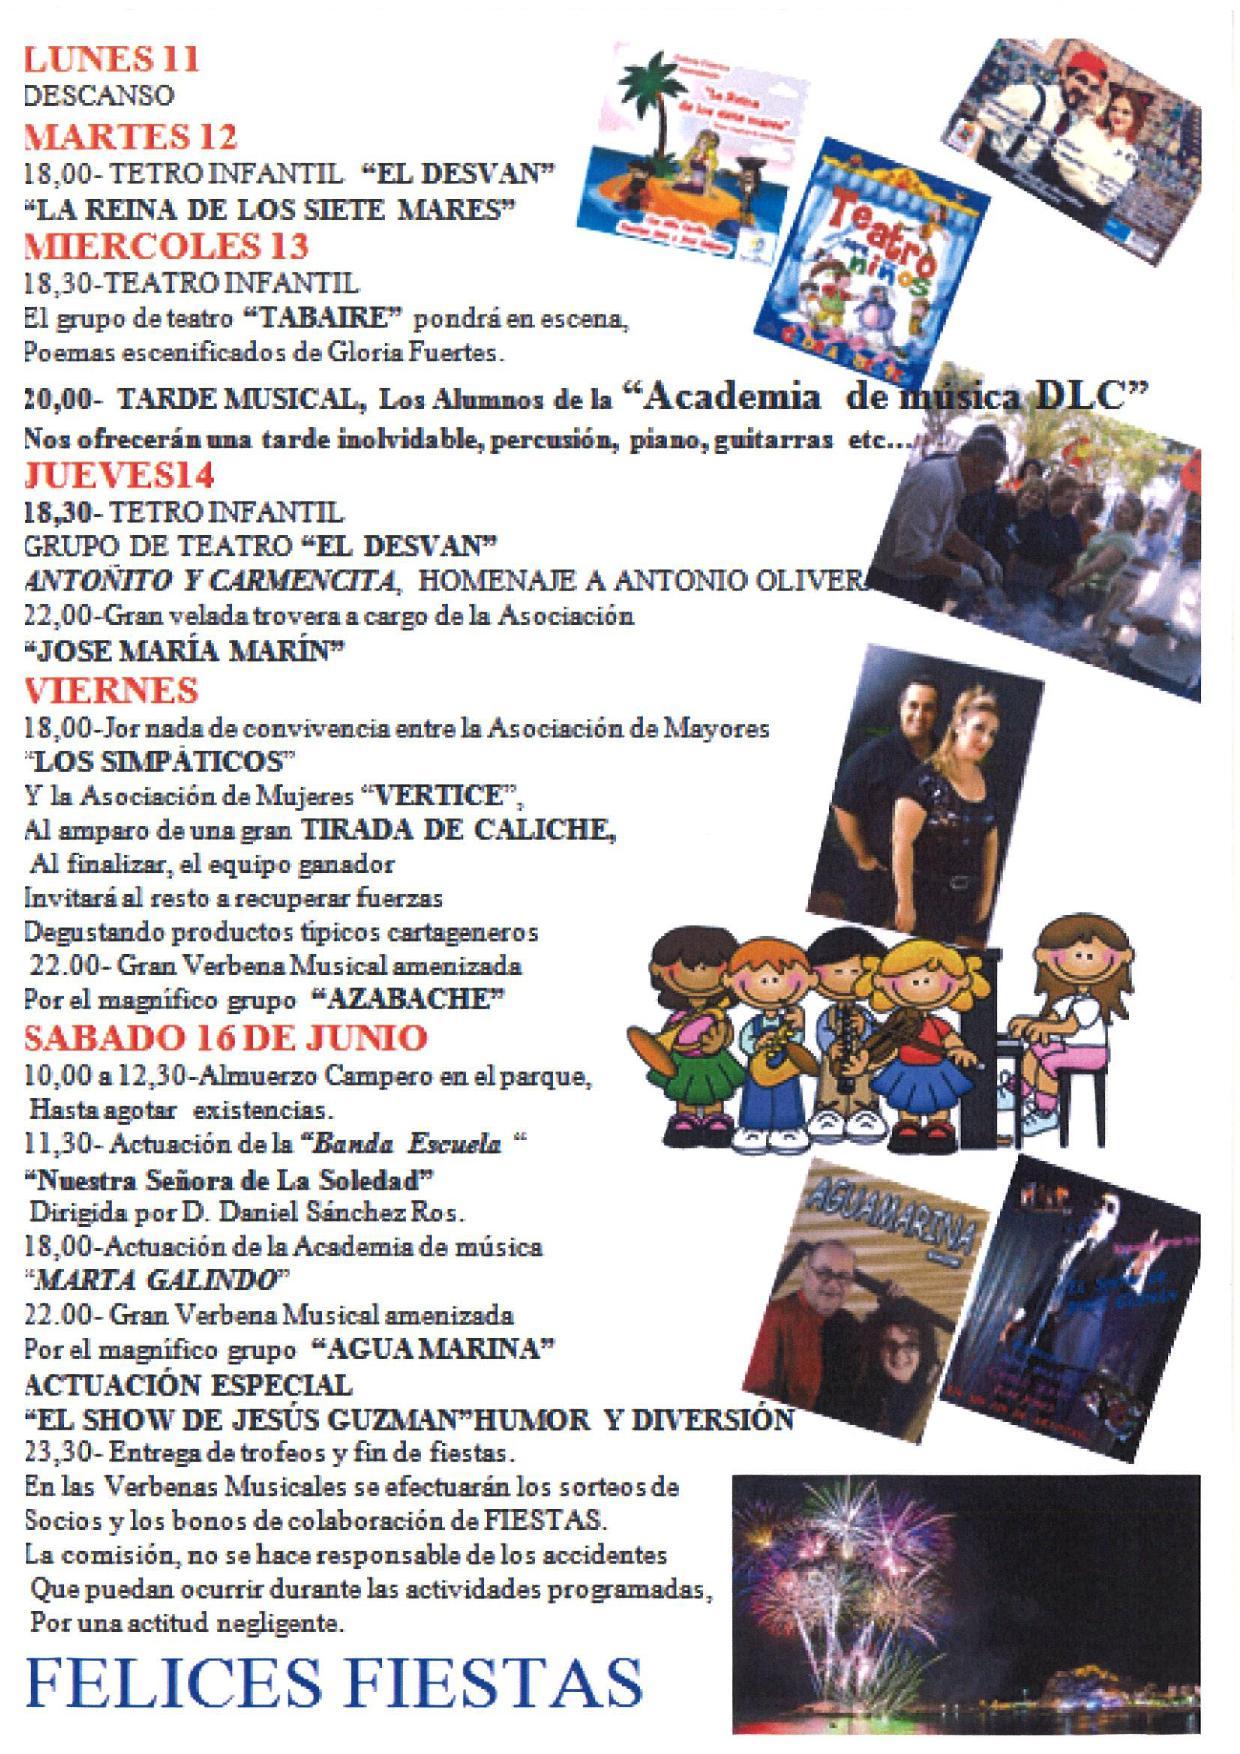 Fiestas de Primavera del barrio San José Obrero 2018 en Cartagena